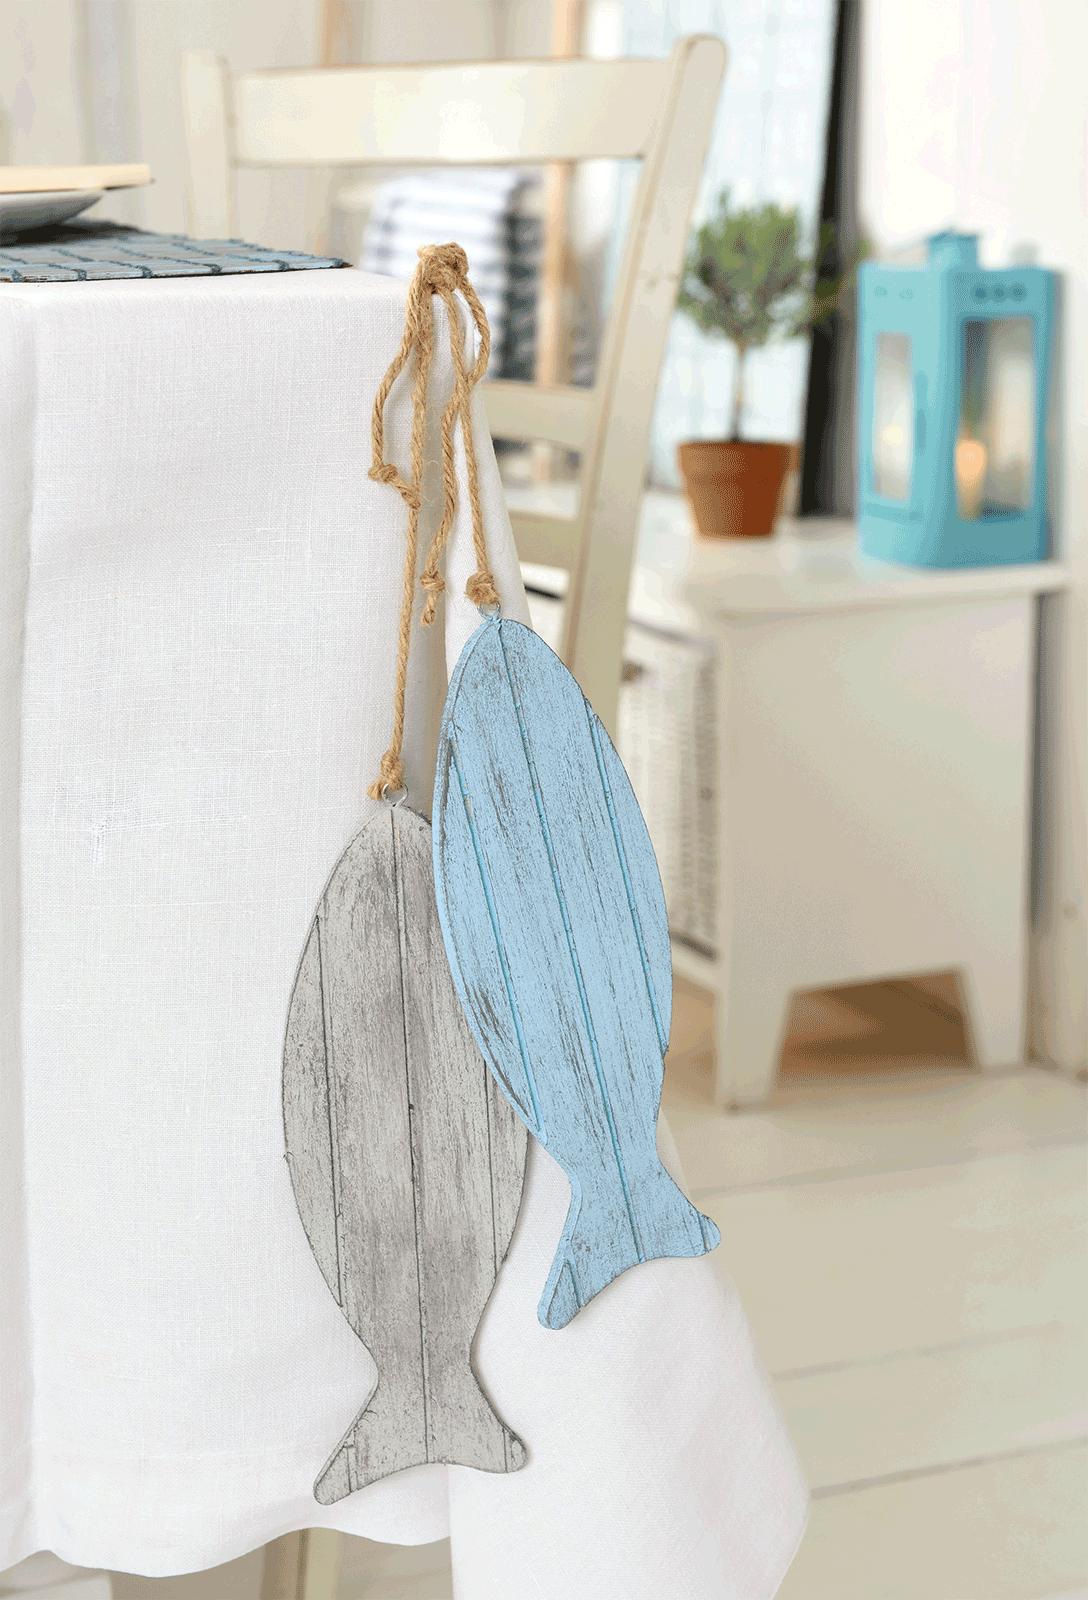 Maritime sommer deko marabu kreativ for Holzpfahl deko